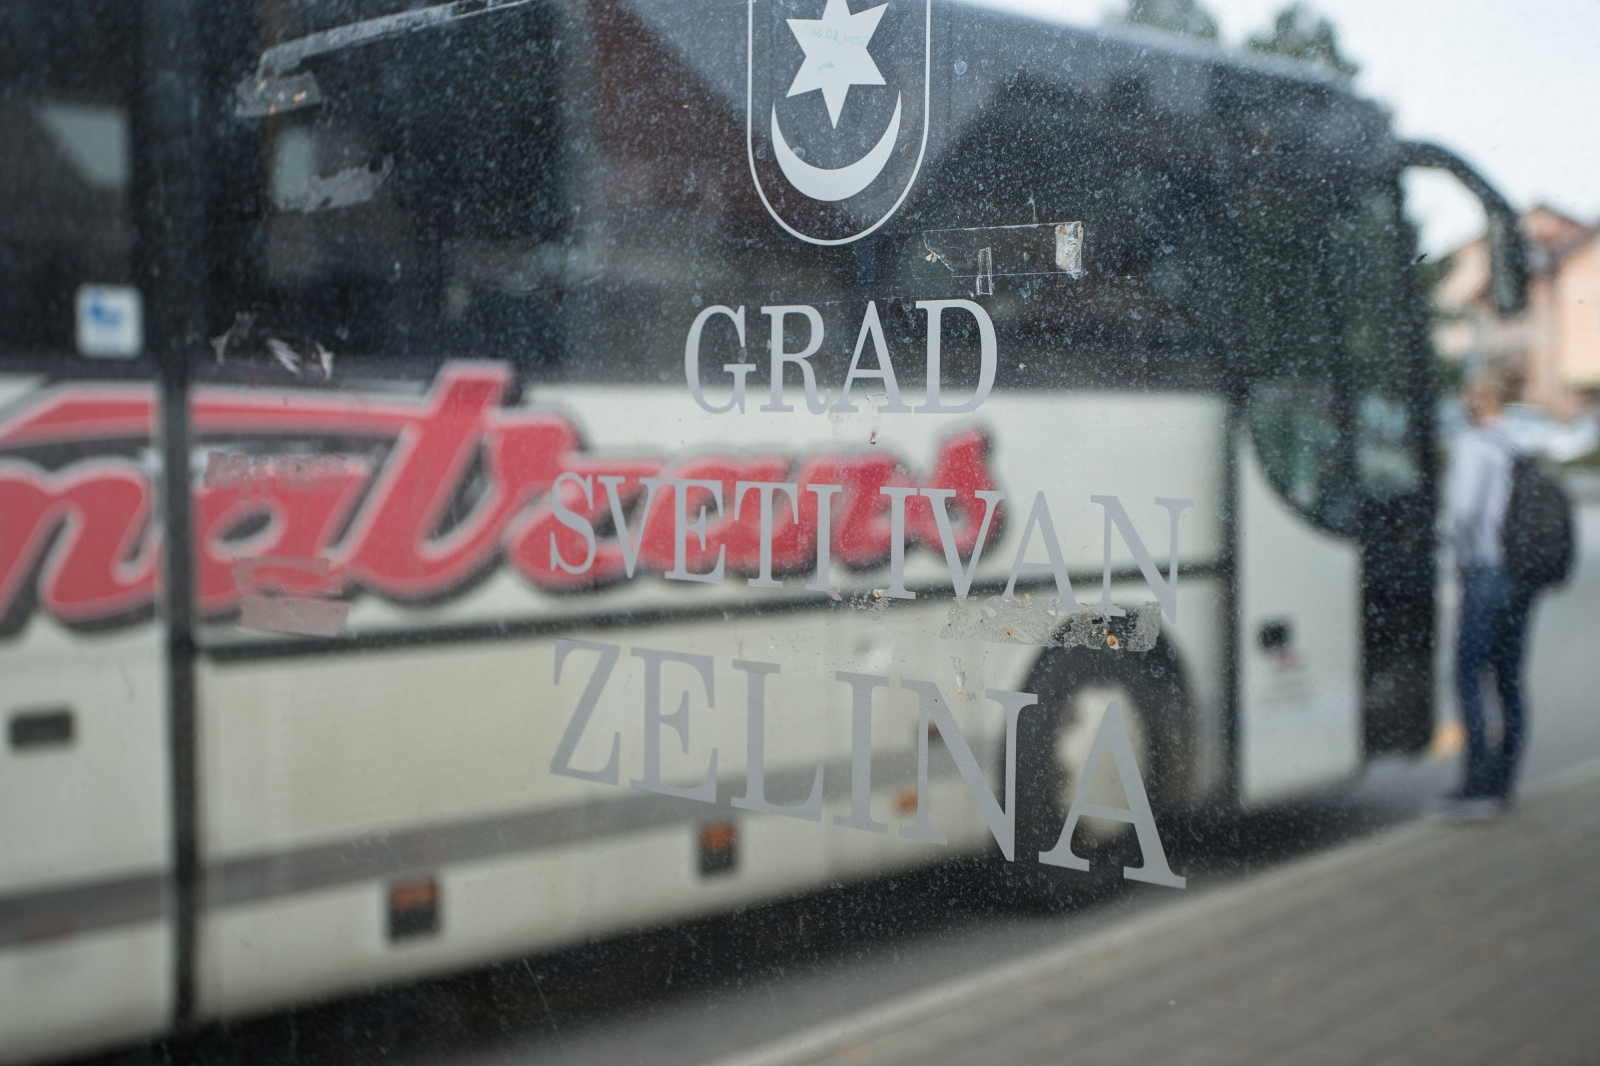 Čazmatrans - avtobus Vir:Pixell